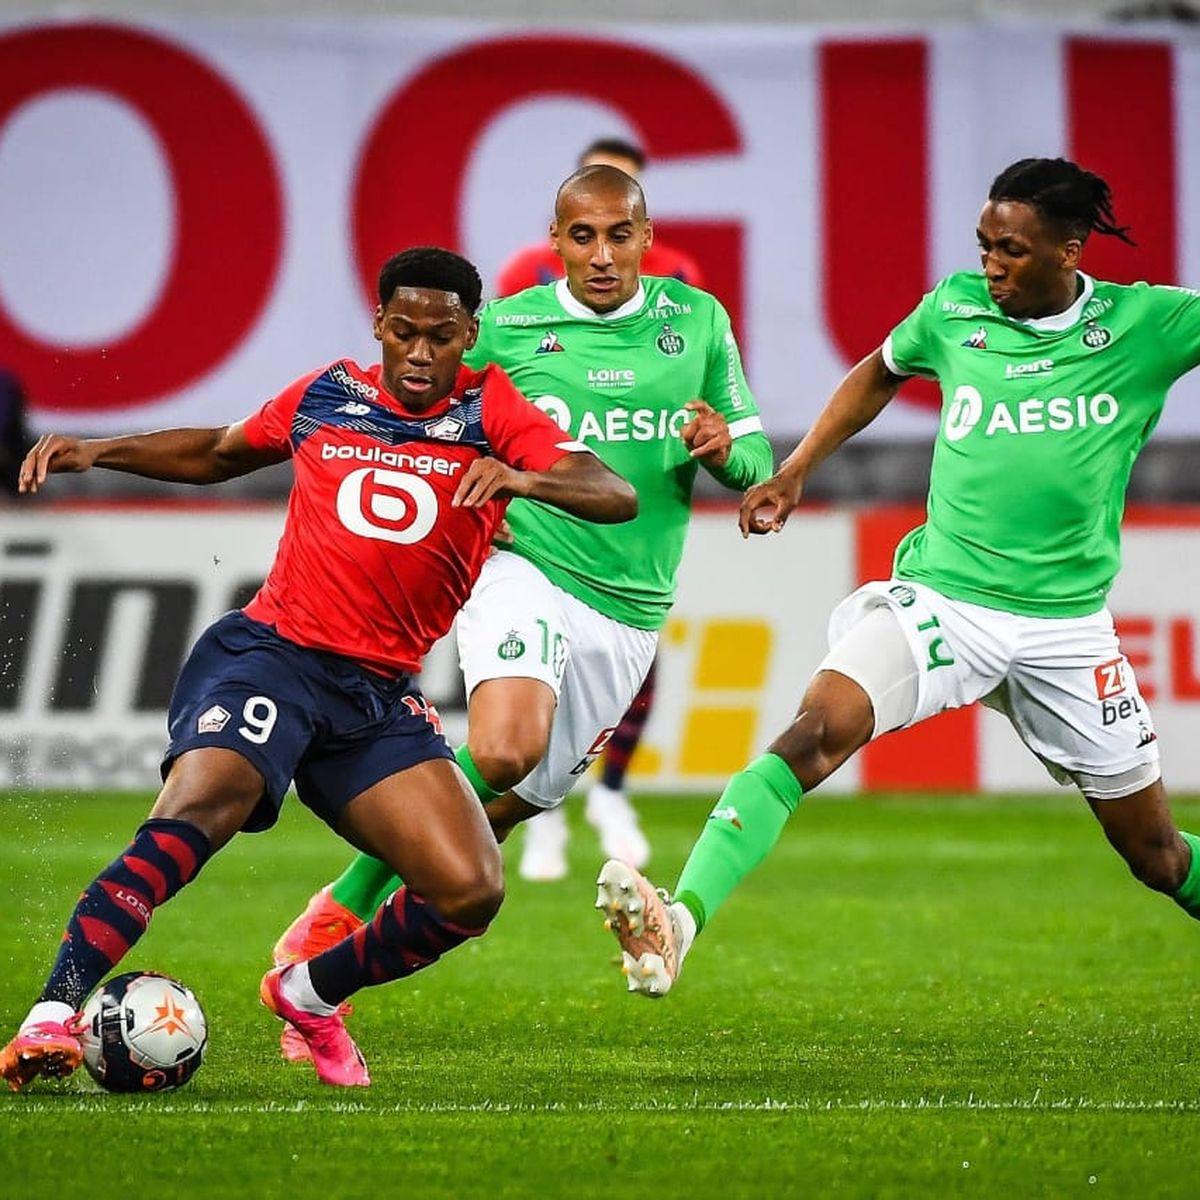 El título se decidirá en la última jornada tras el tropiezo del Lille ante el Saint Etienne (0-0)